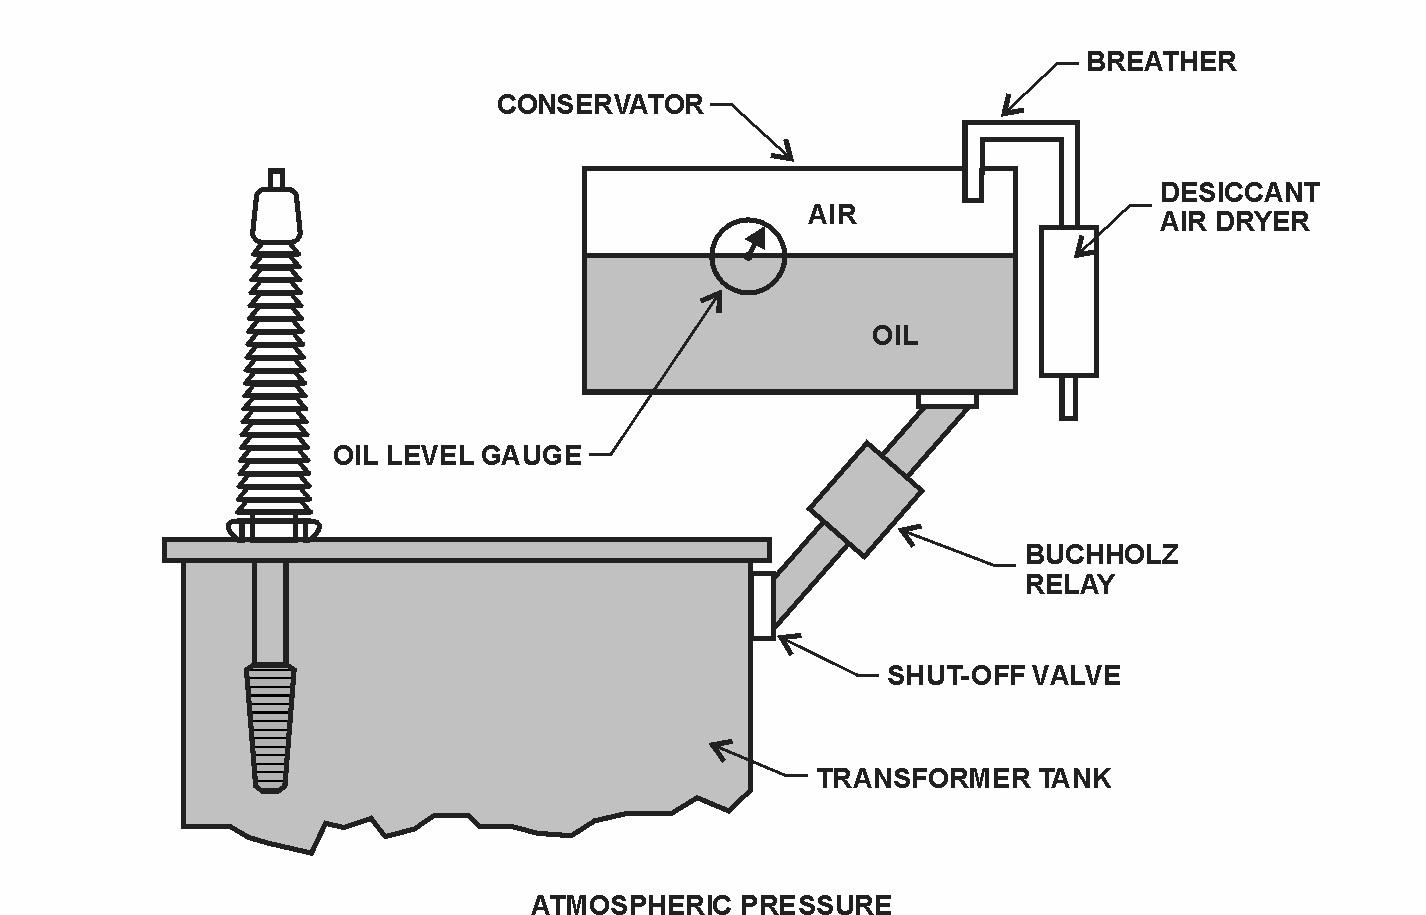 transformer air cell failure